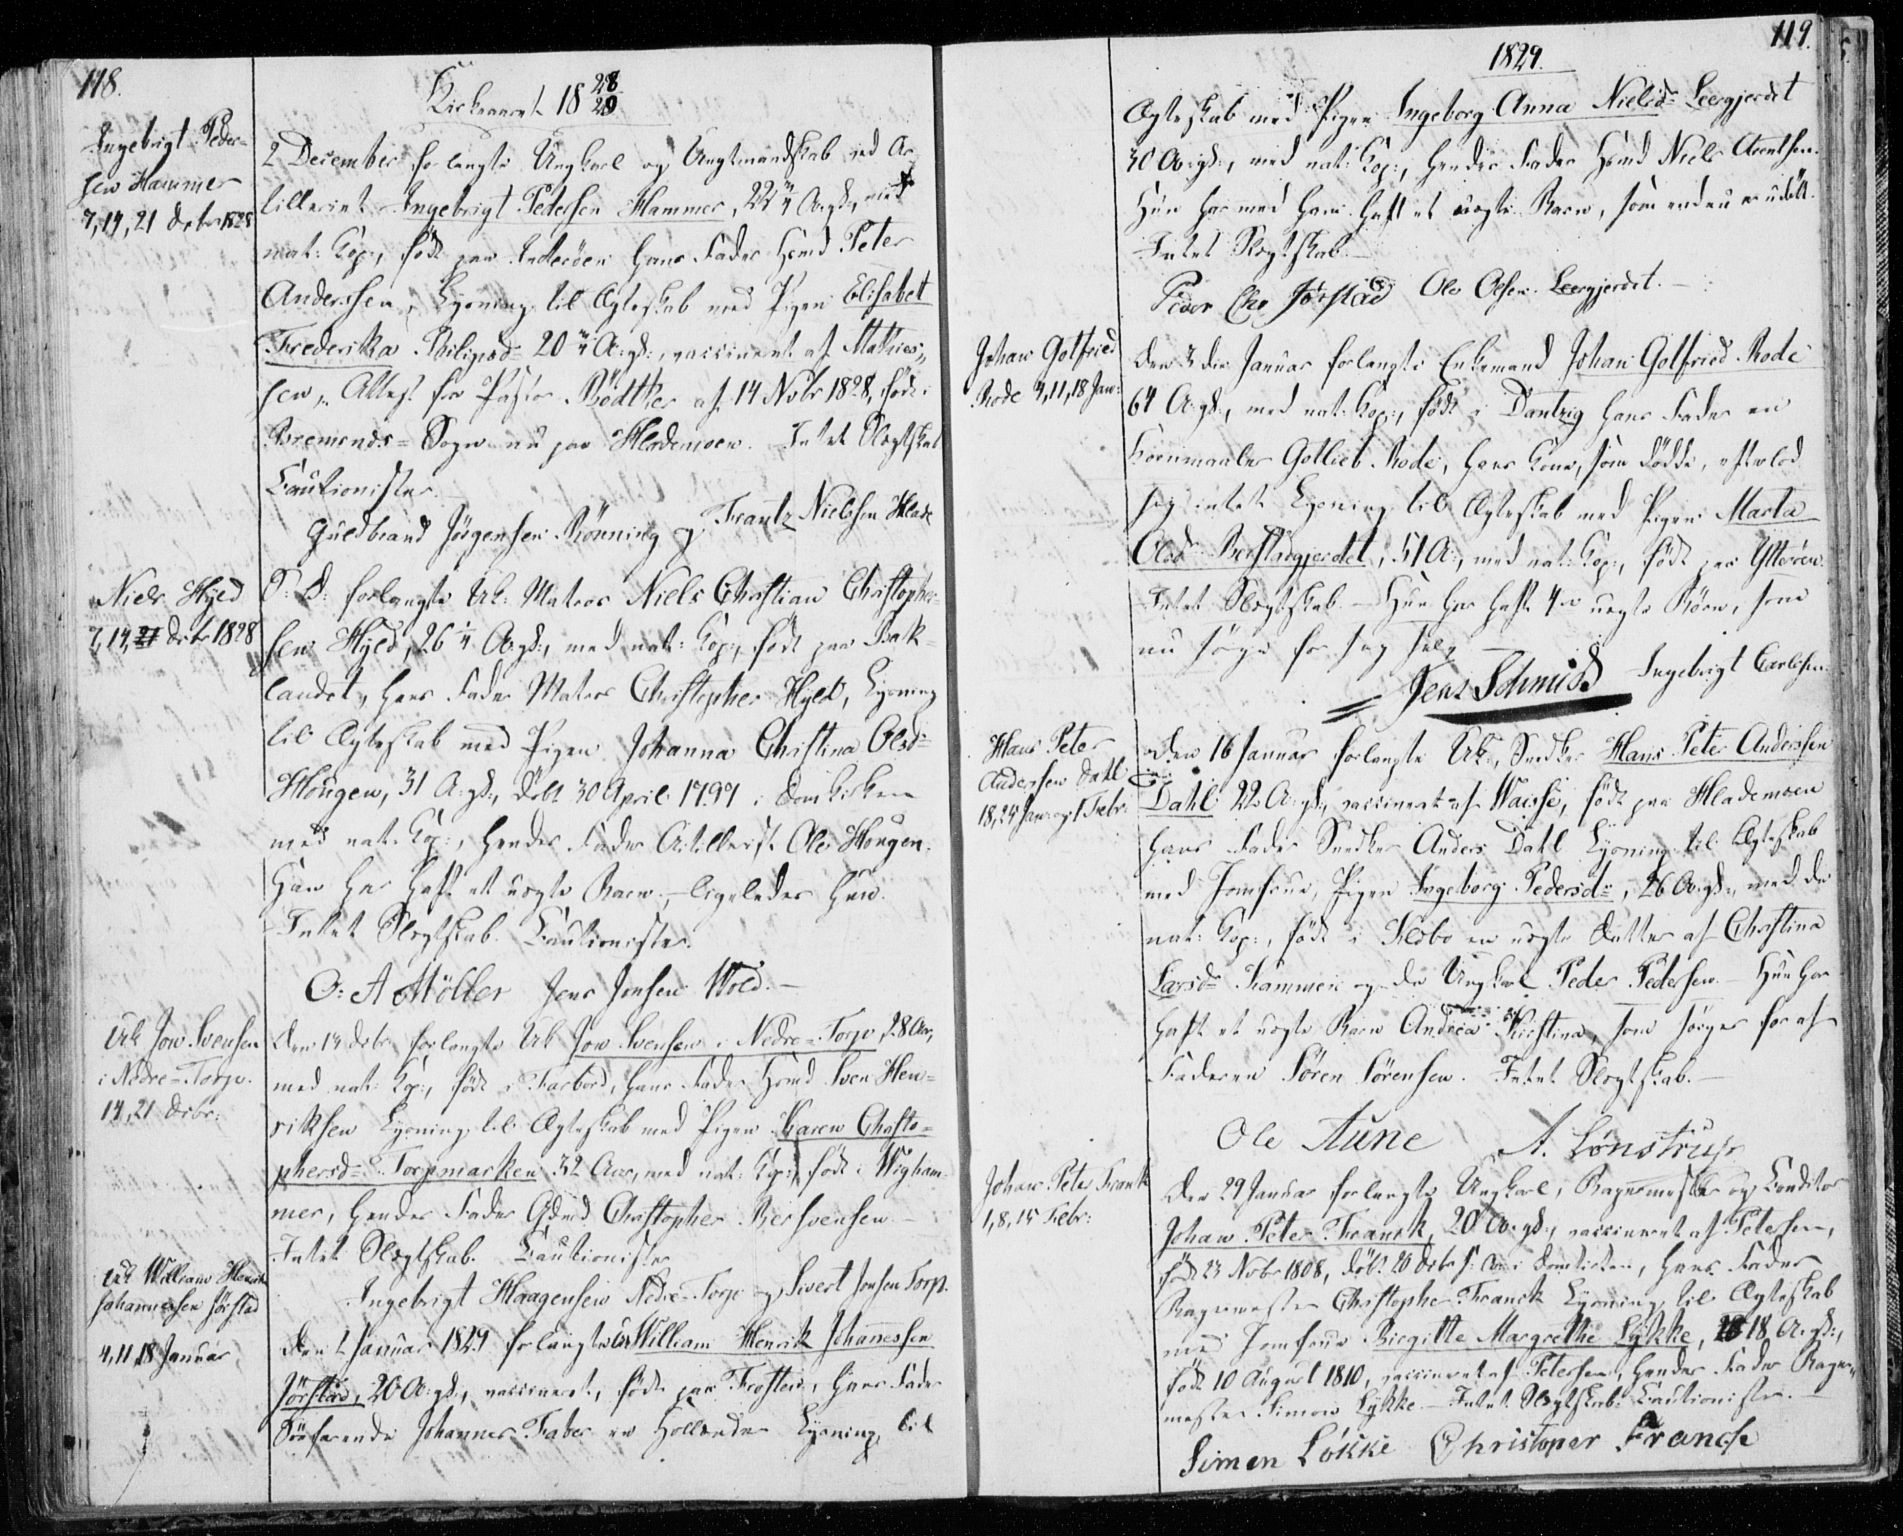 SAT, Ministerialprotokoller, klokkerbøker og fødselsregistre - Sør-Trøndelag, 606/L0295: Lysningsprotokoll nr. 606A10, 1815-1833, s. 118-119